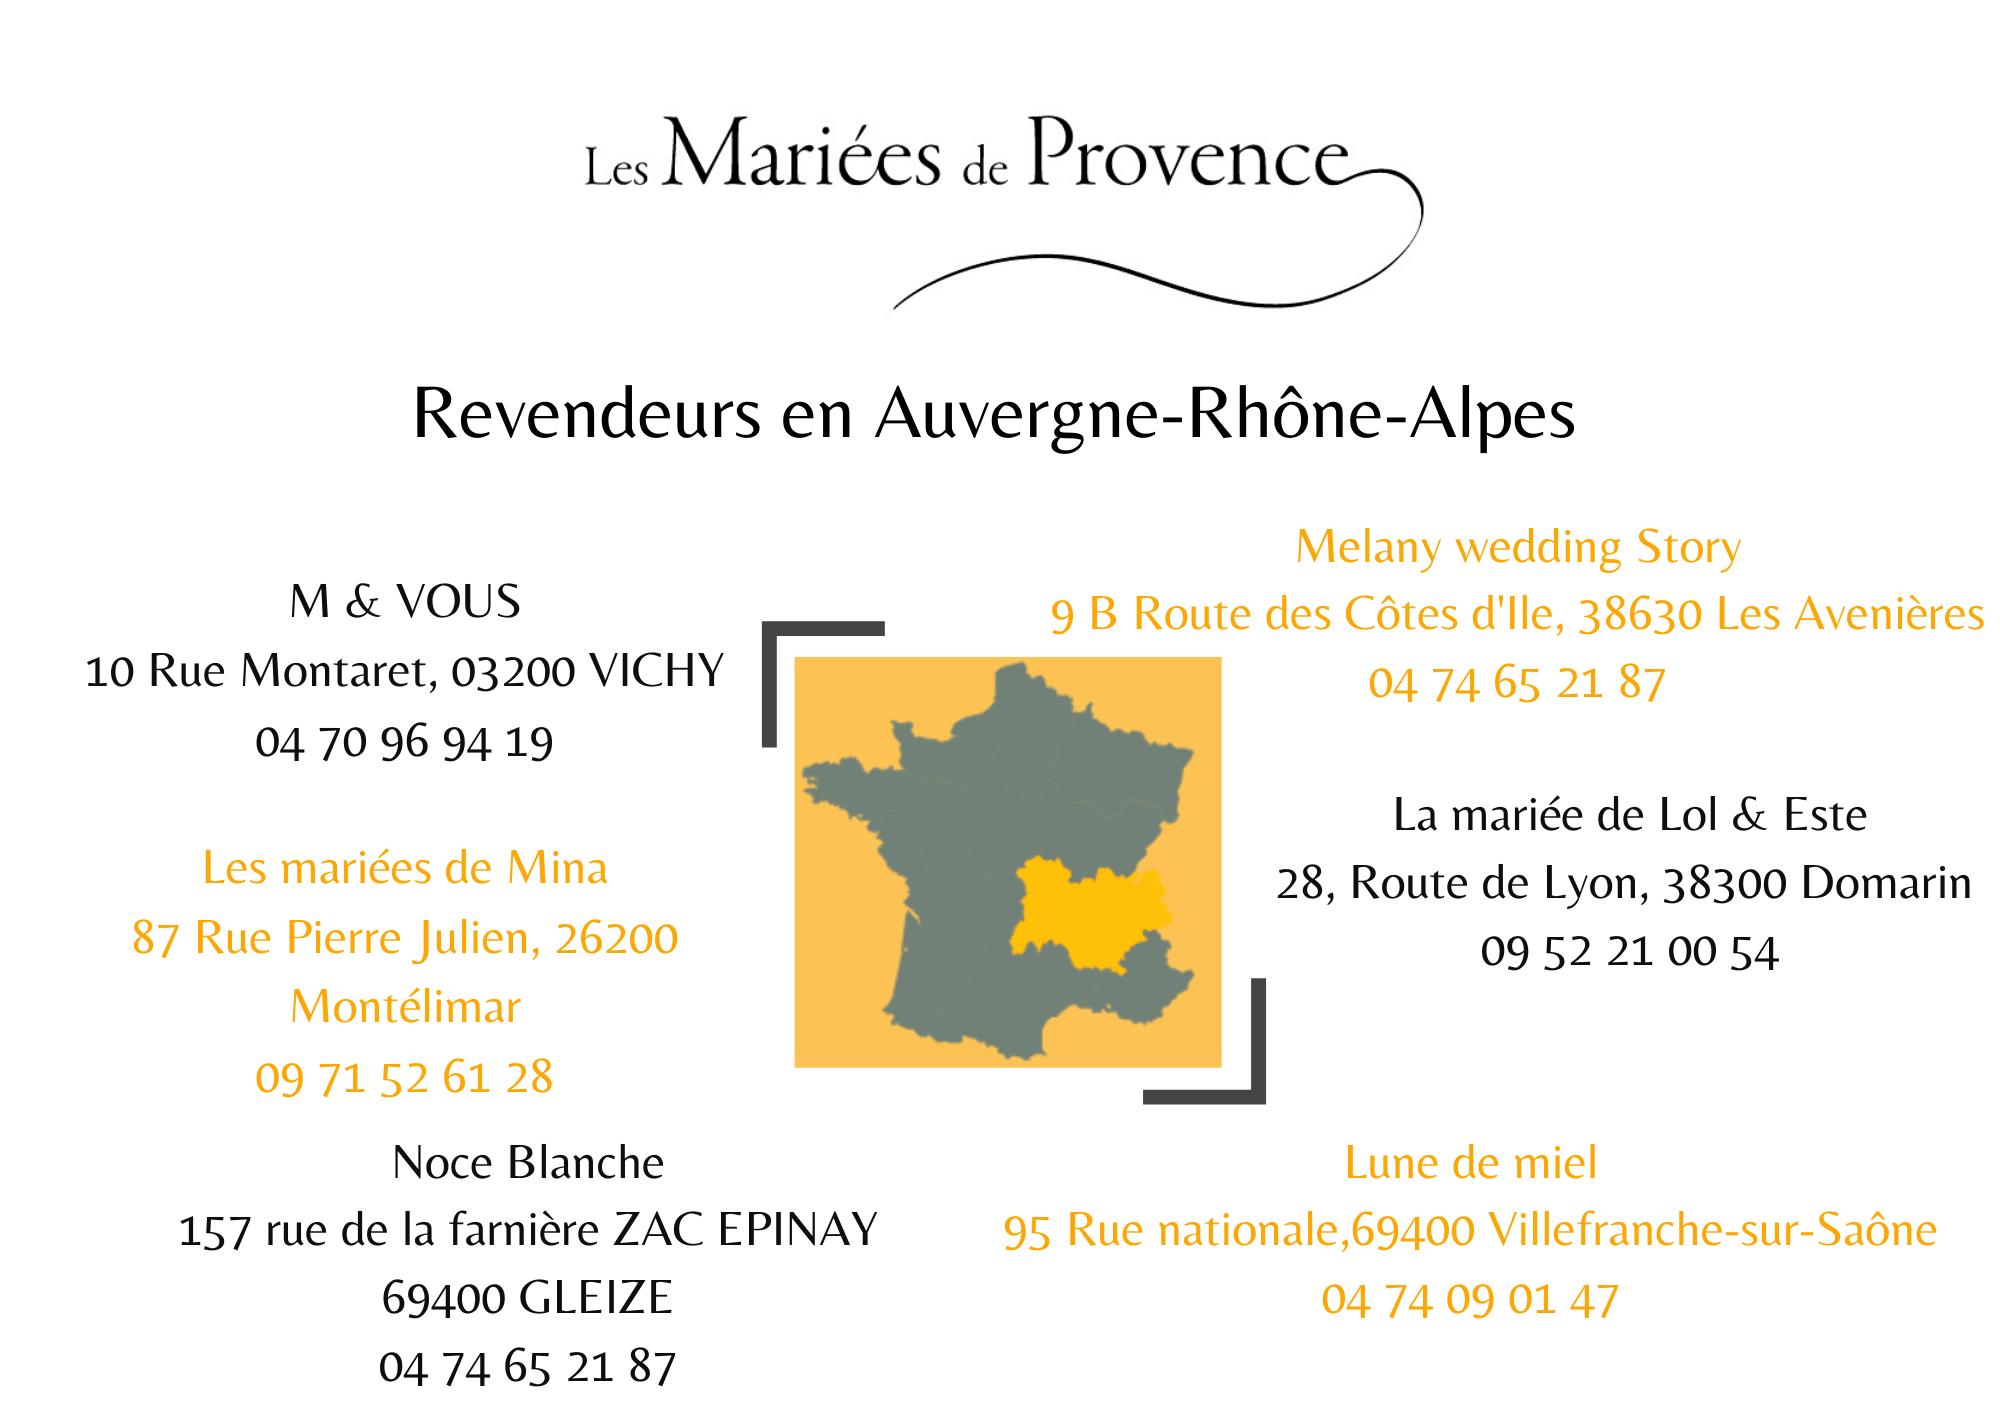 La collection Mariées de Provence en Auvergne-Rhône-Alpes